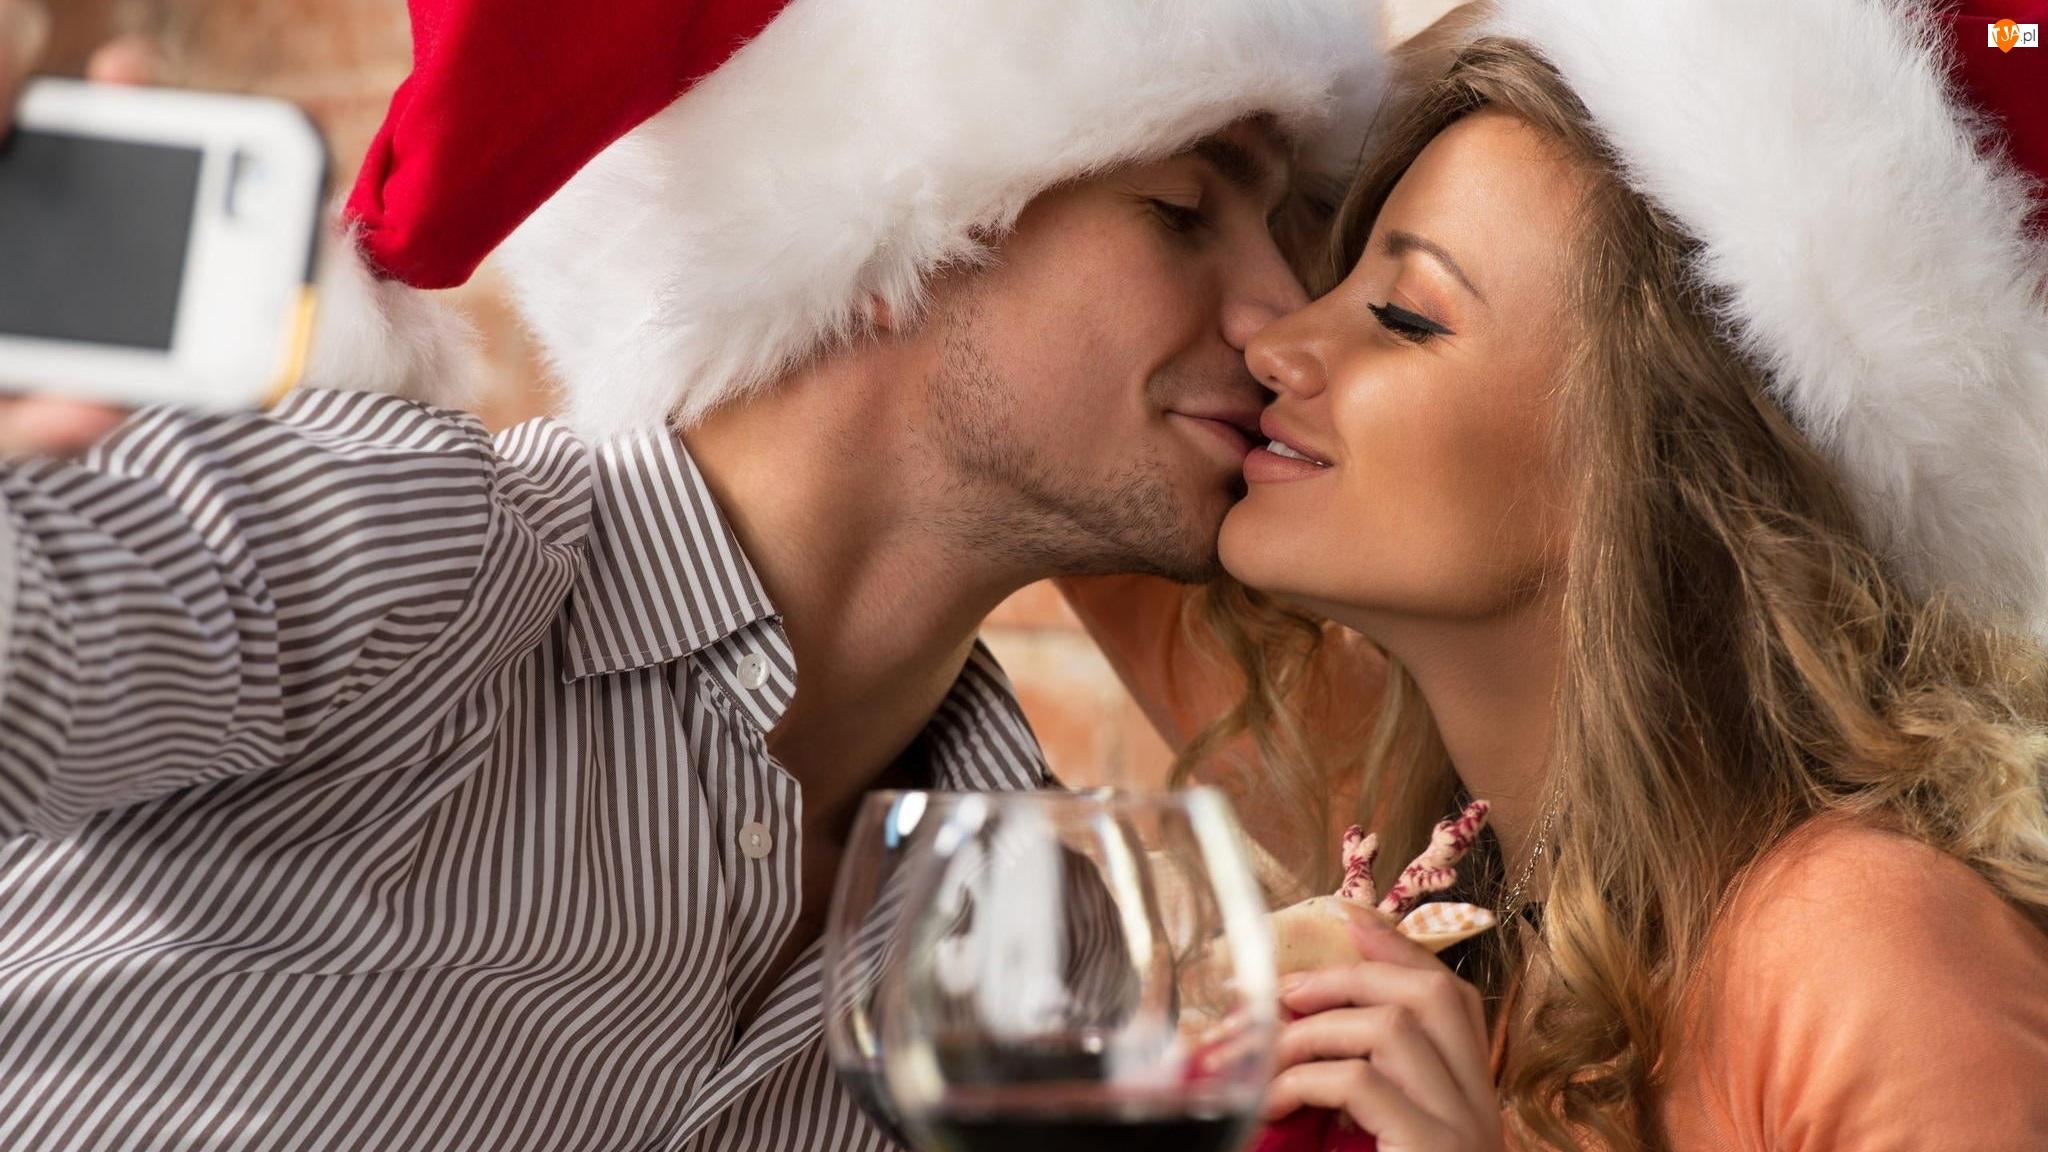 Czapki Mikołaja, Kobieta, Pocałunek, Mężczyzna, Miłość